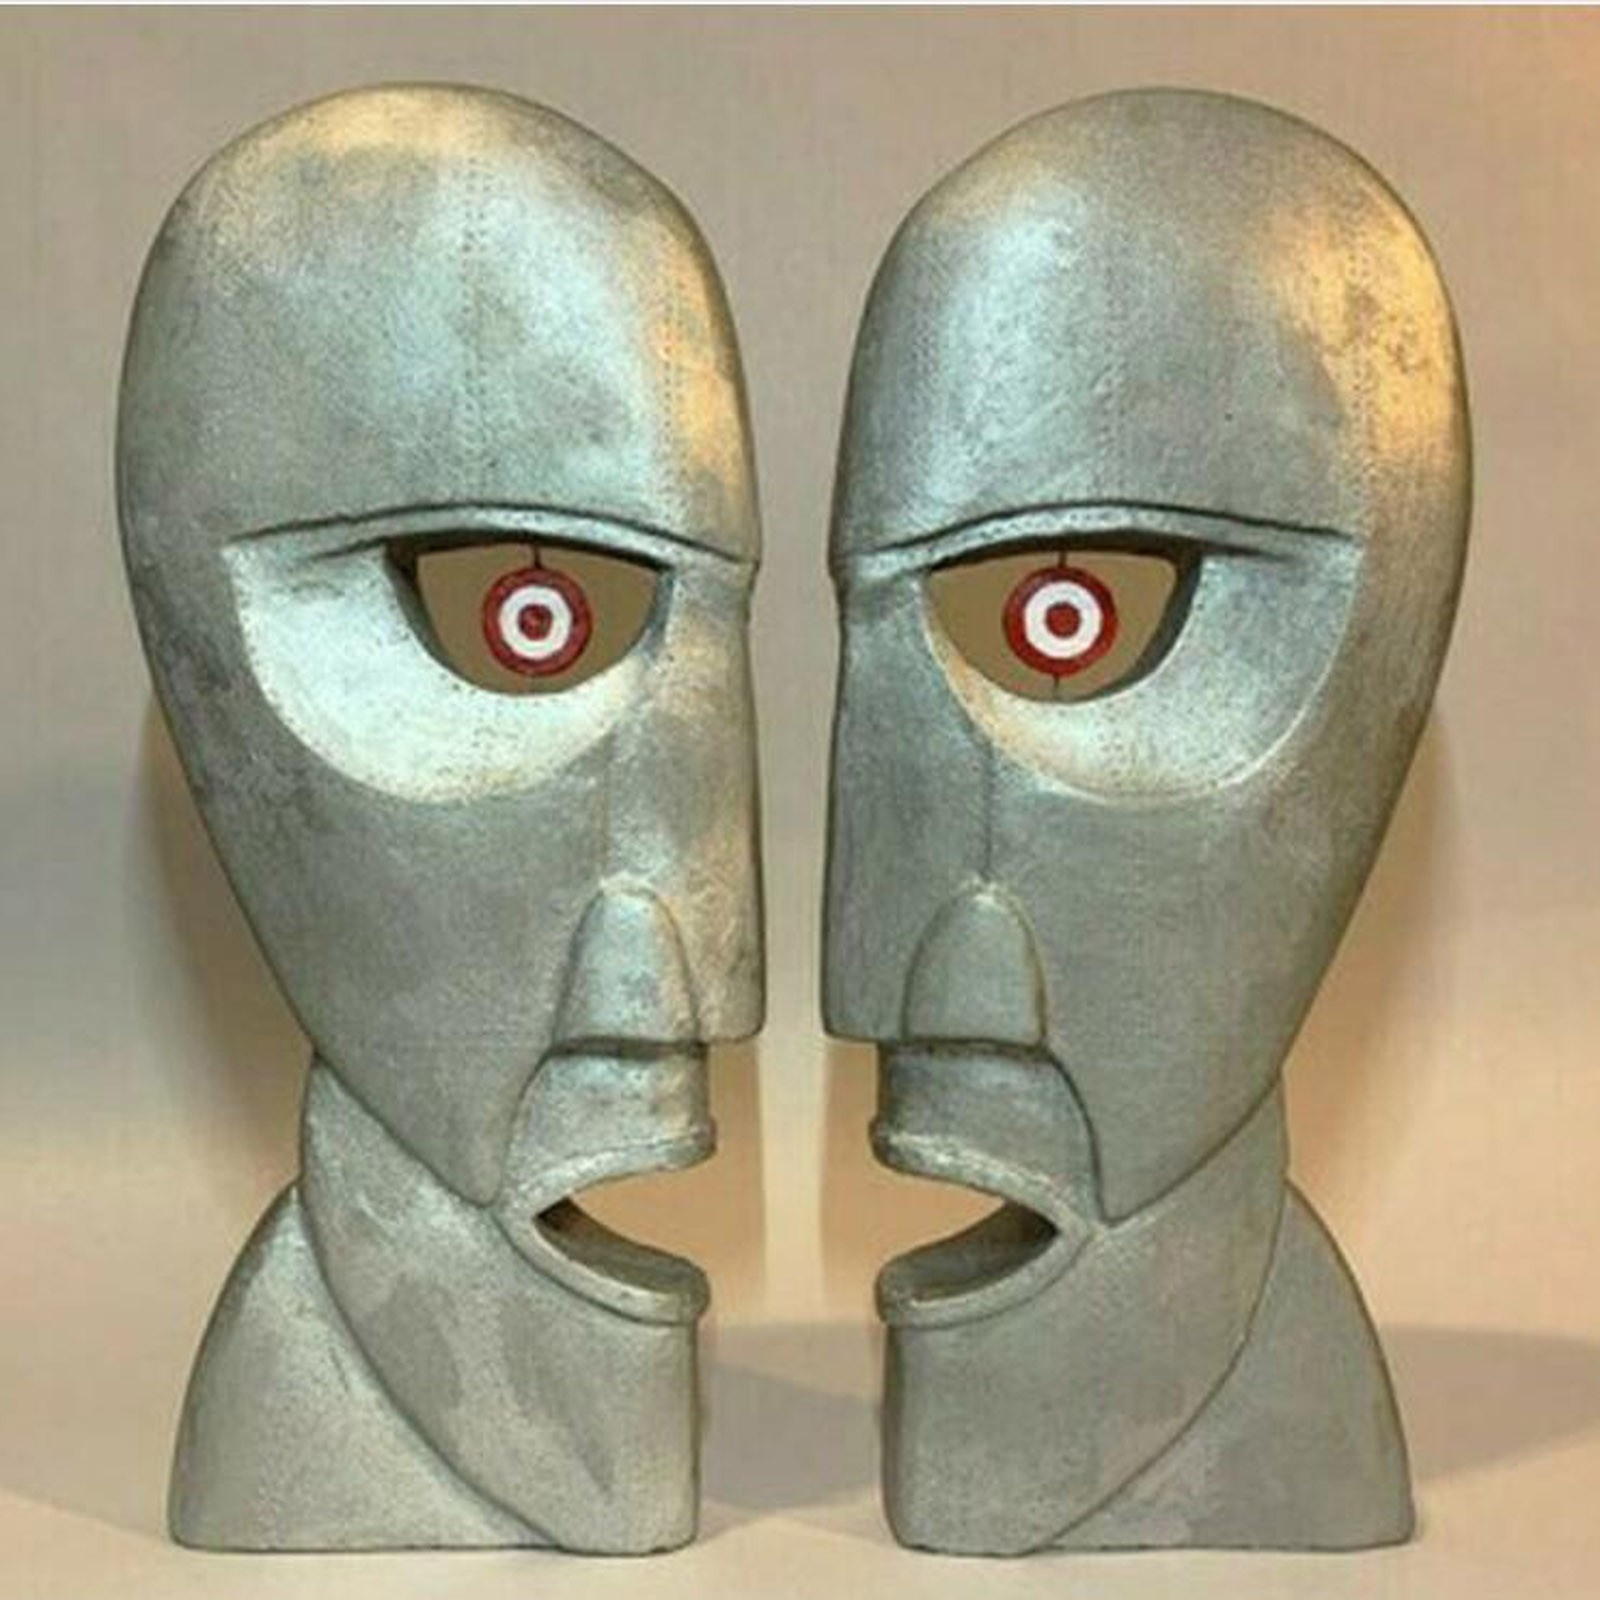 تقسيم بيل رؤساء المعادن الراتنج تمثال راتينج منحوت تمثال رئيس النحت ديكور المنزل الثلاجة المغناطيس مكتب اكسسوارات هدايا # g3